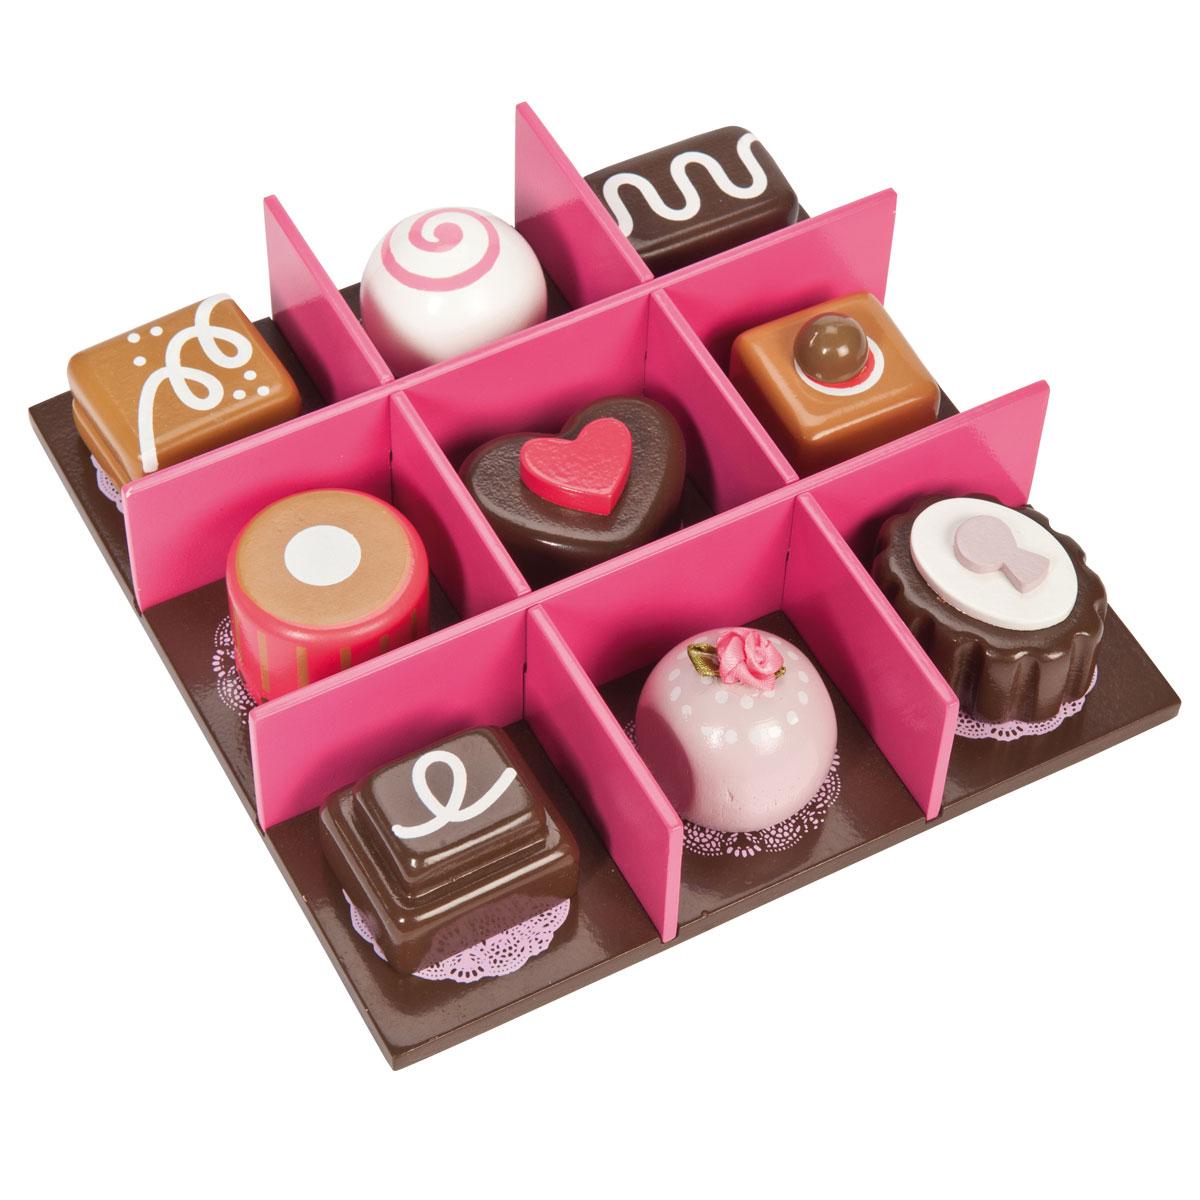 Vibrator And Chocolate Gift Box